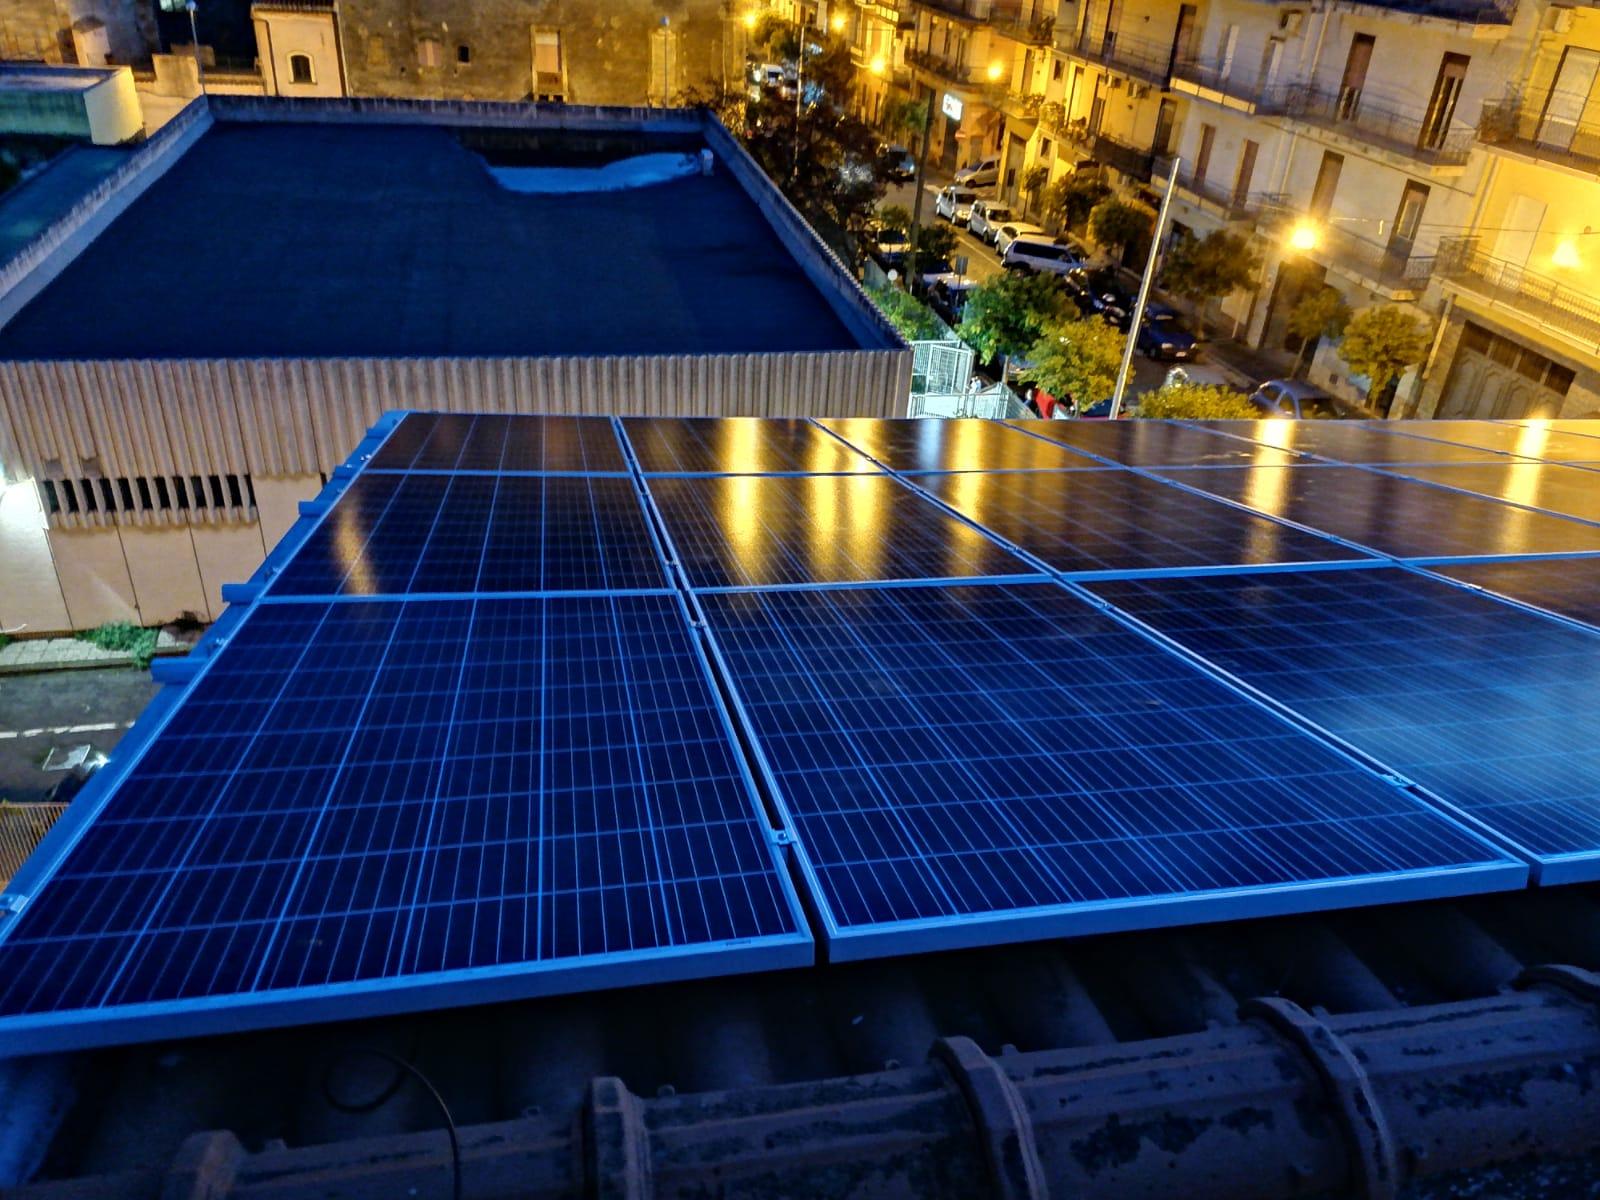 installazione a tetto impianto fotovoltaico 6 kw